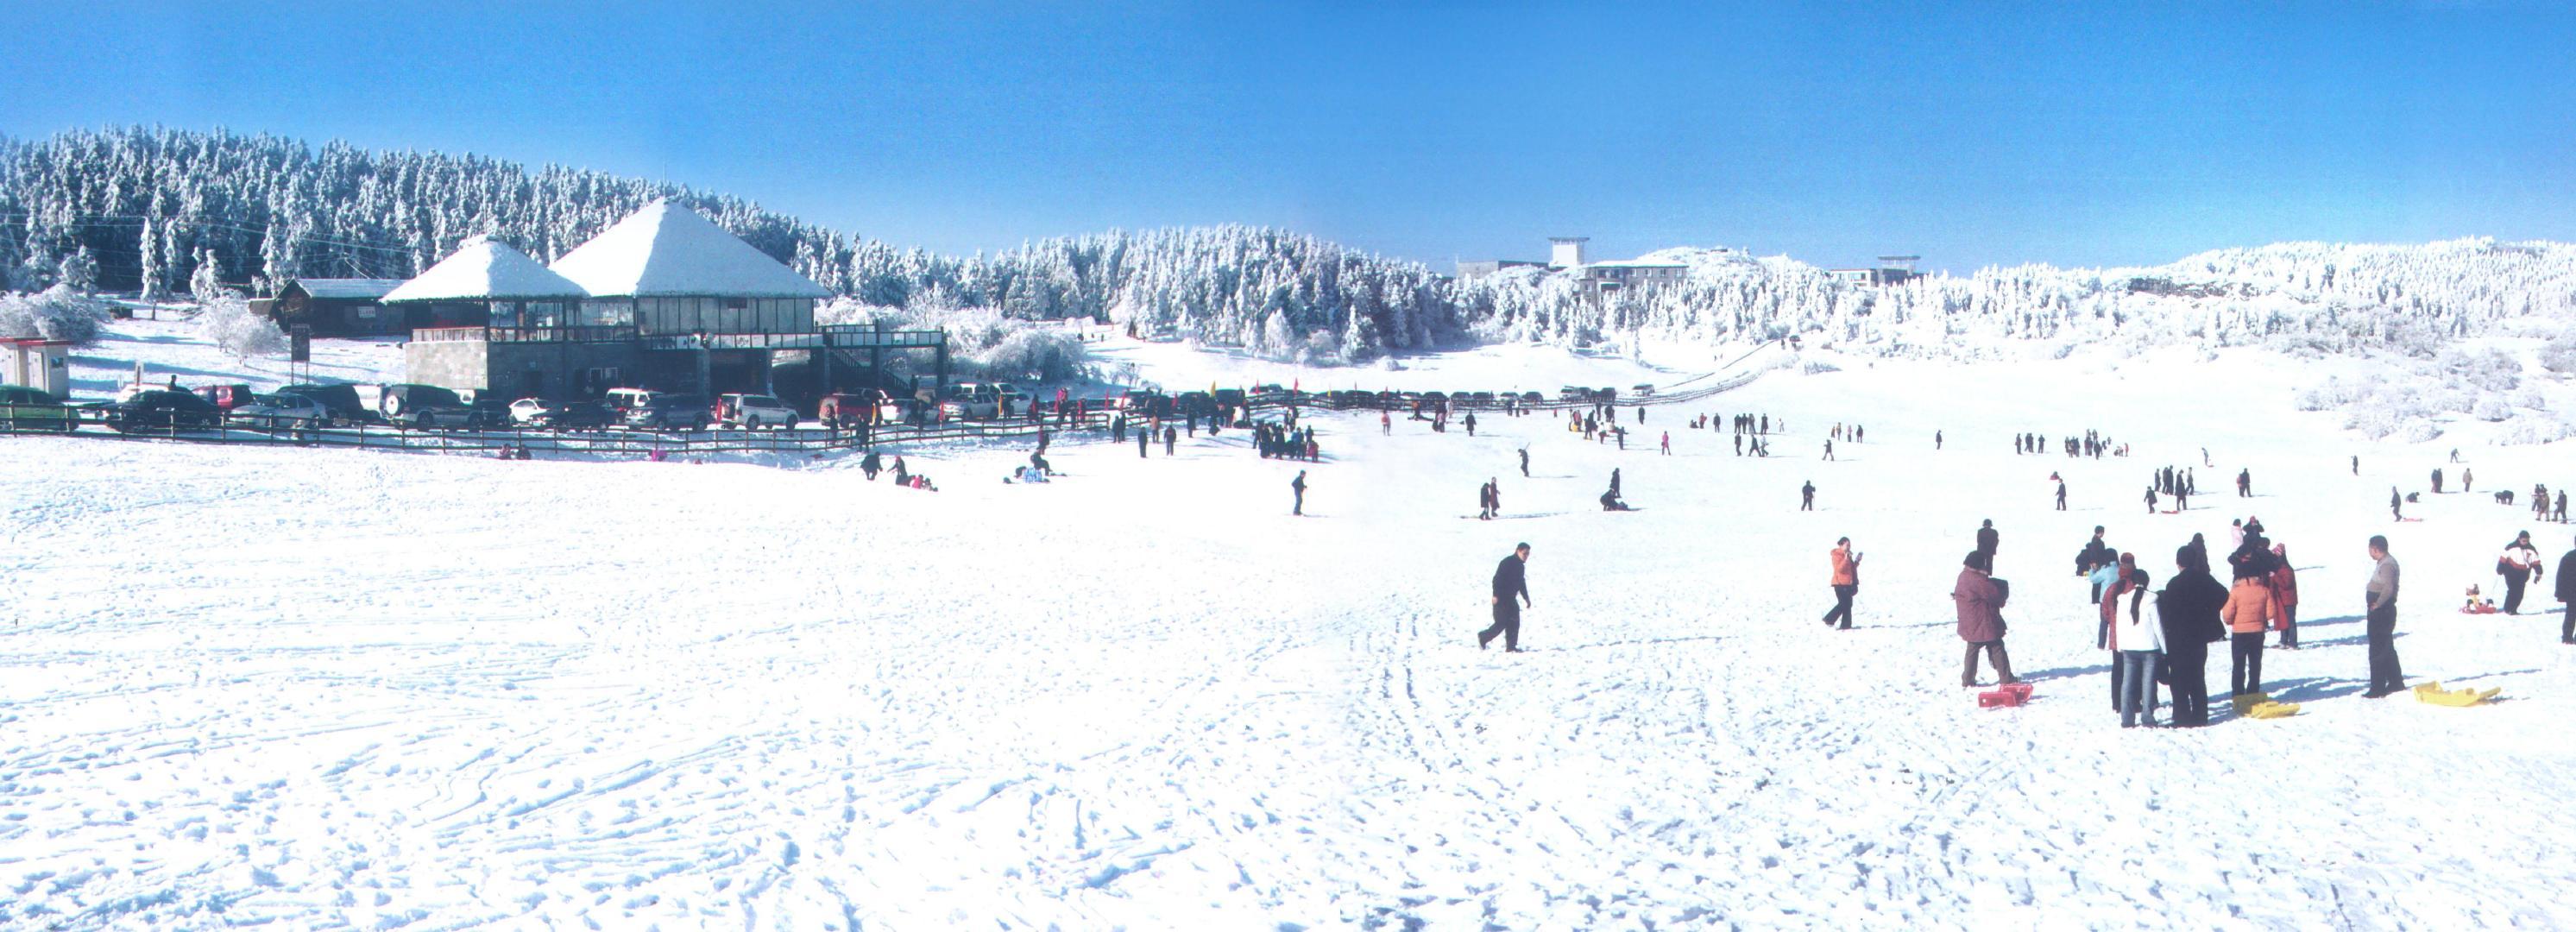 """020年的第一场雪仿佛2002年的第一场雪那般美丽动人"""""""